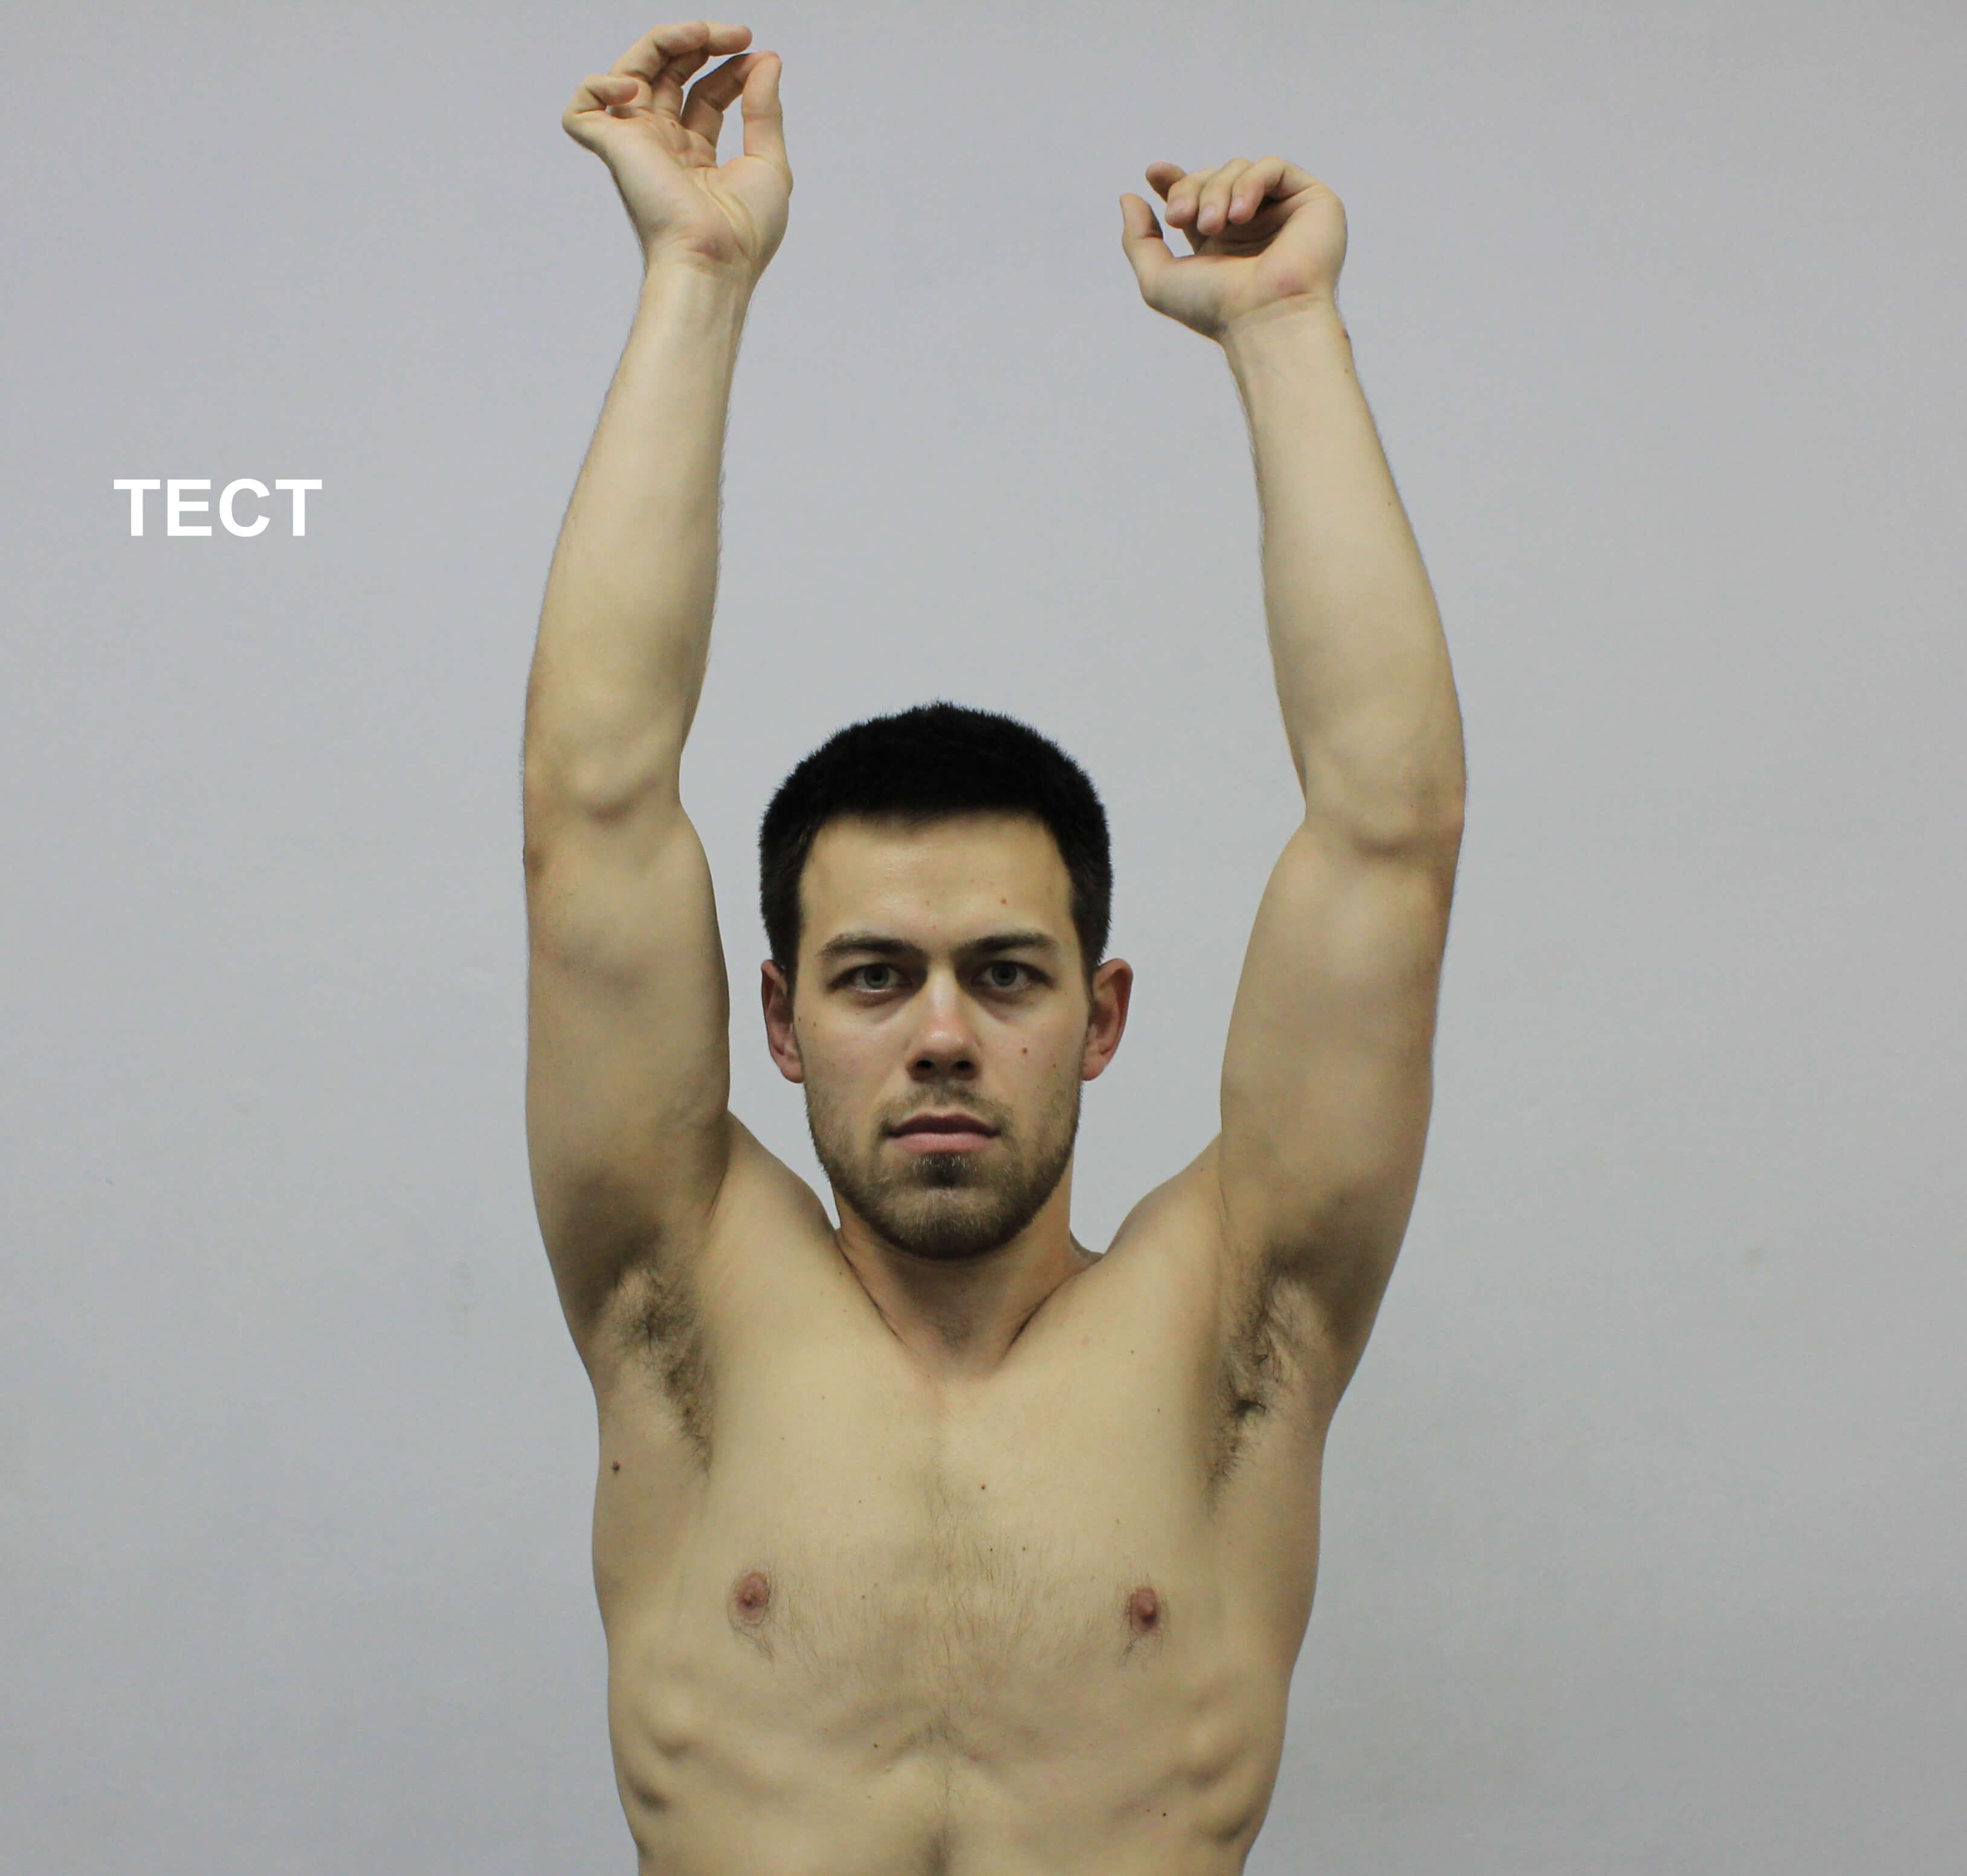 Рис. 12. Тест на растяжимость длинной головки трицепса. Пояснения в тексте. Для примера показан положительный результат теста на левой руке по сравнению с нормой на правой стороне